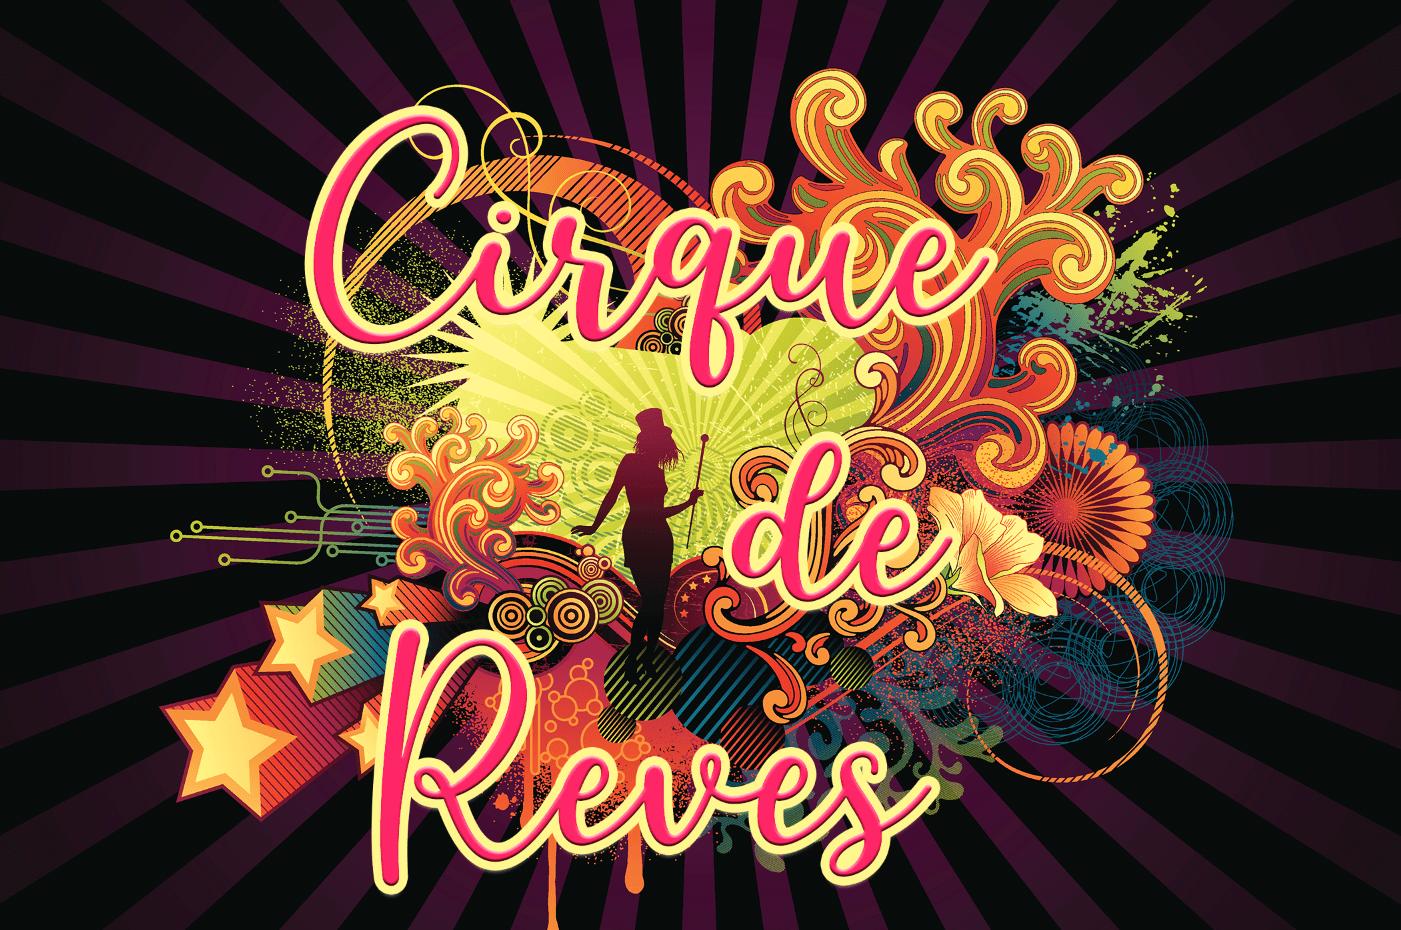 Cirque de Reves-min.png